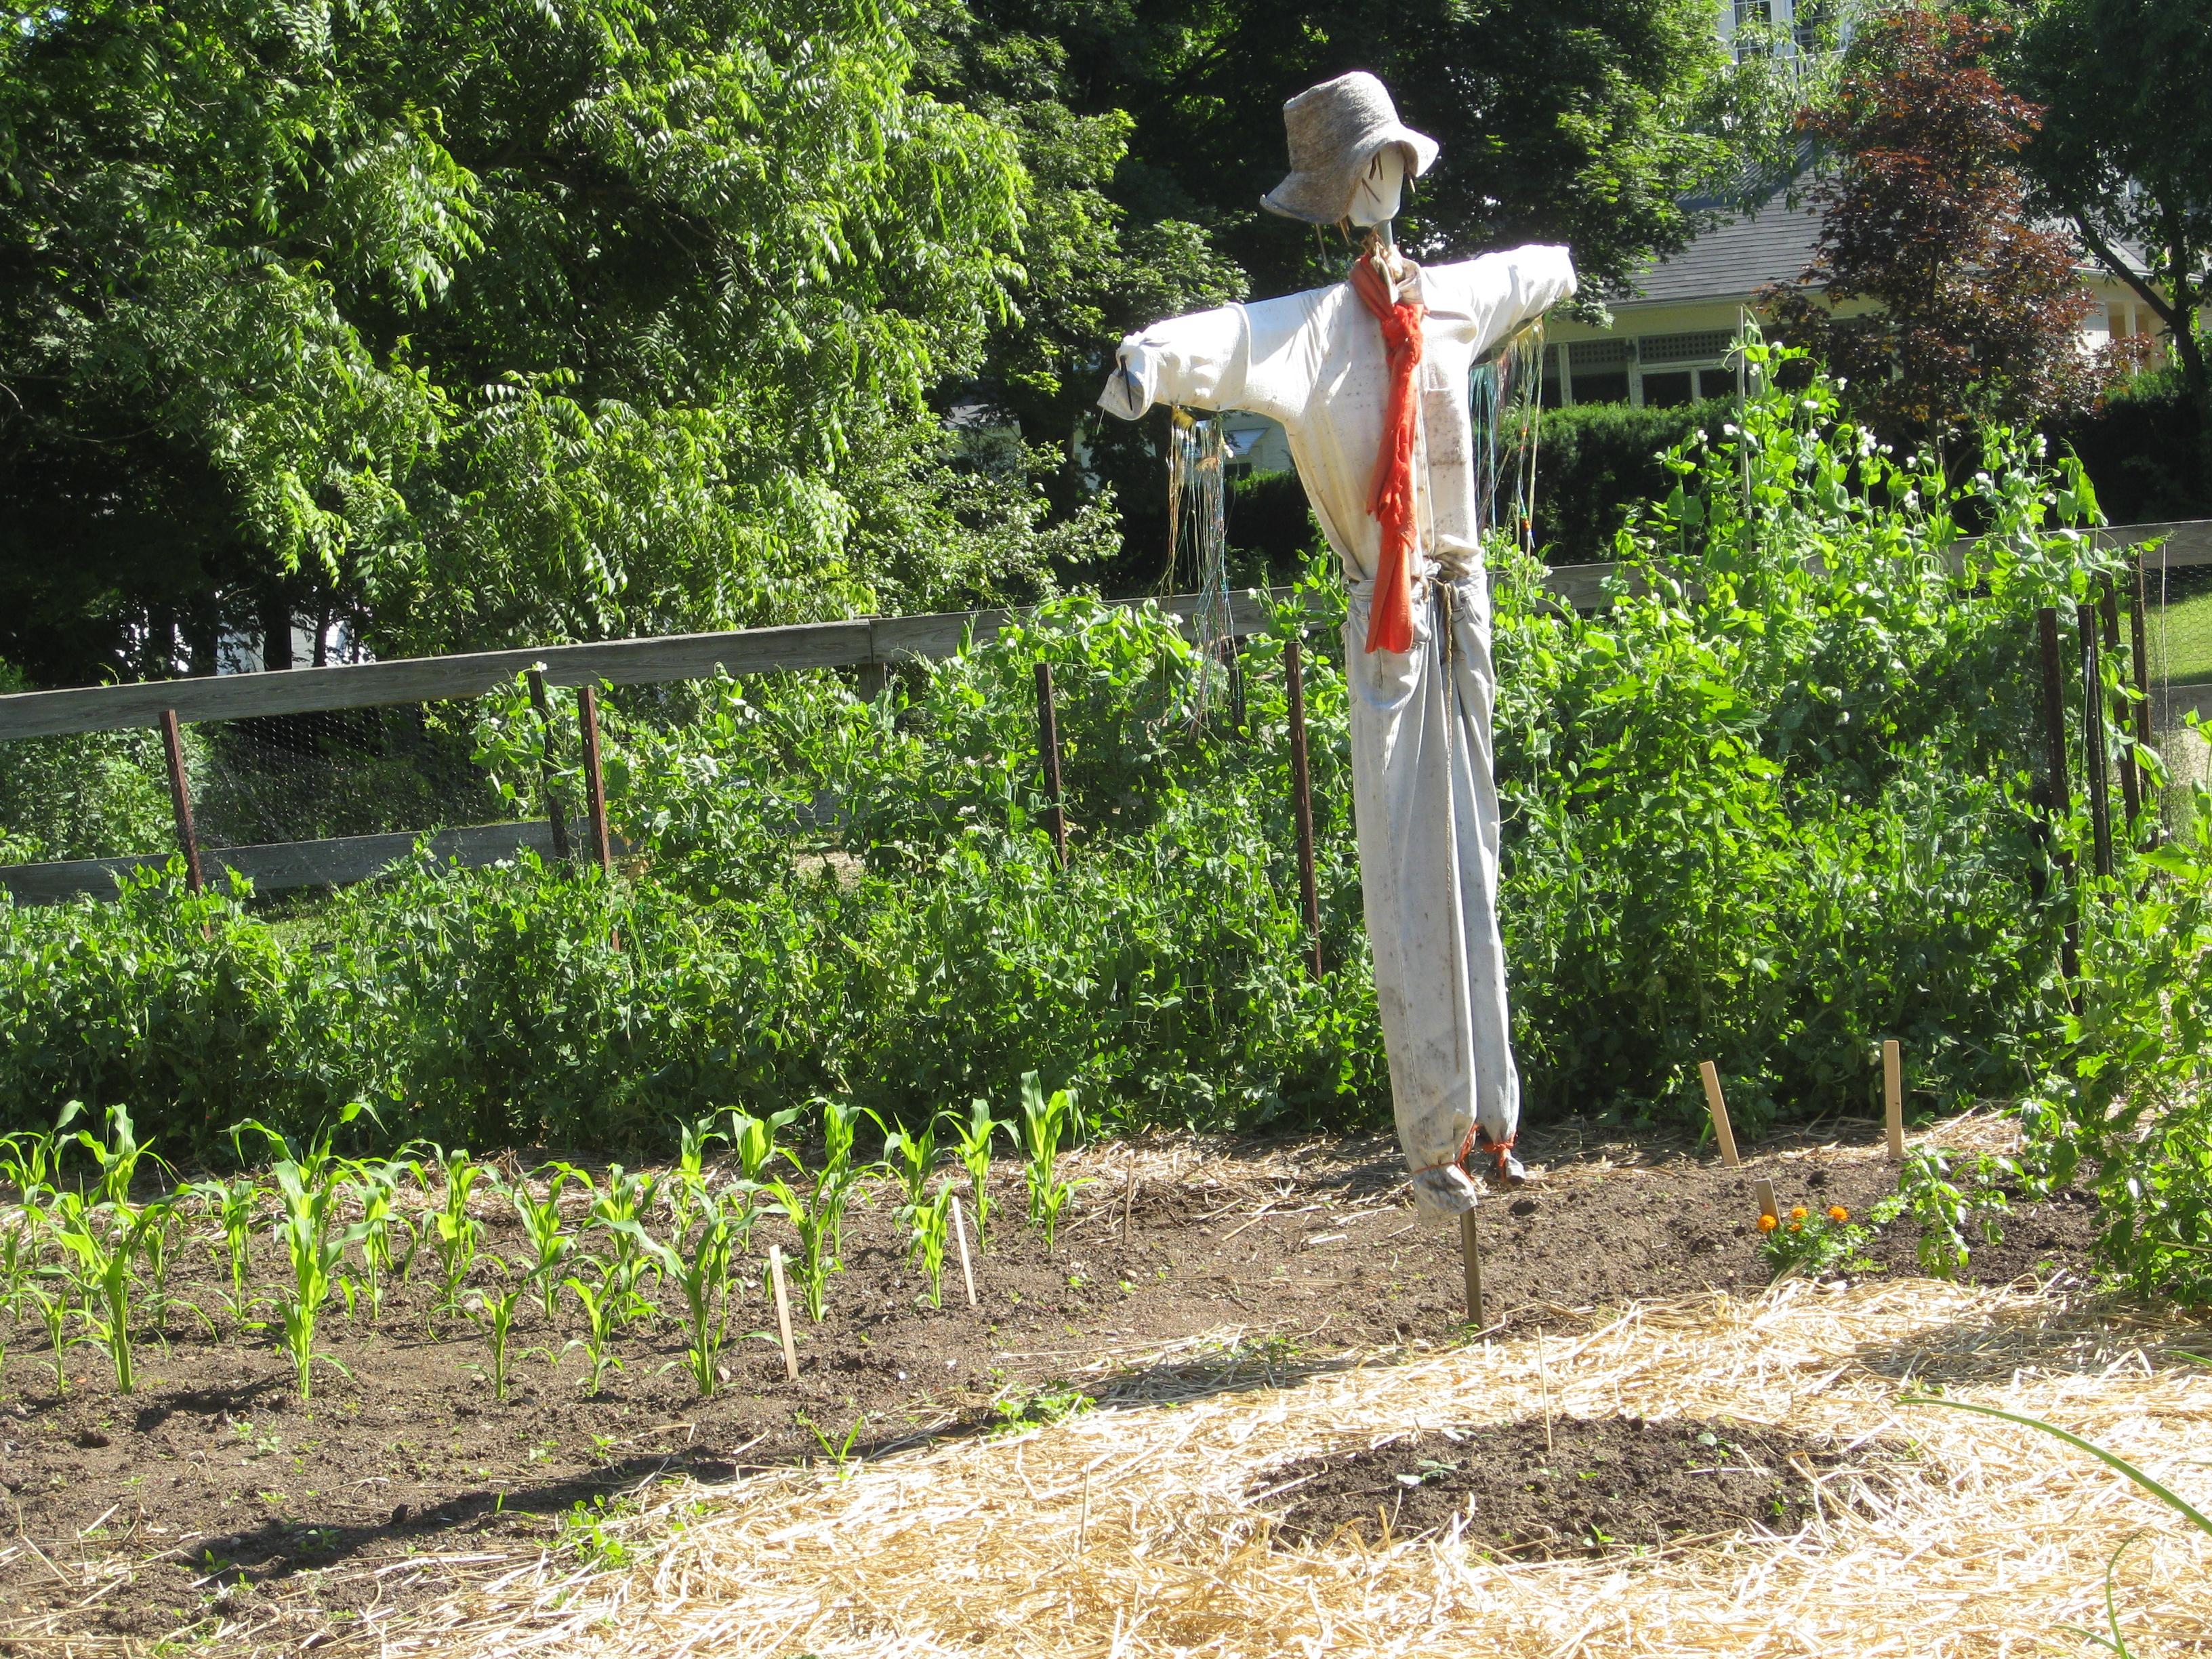 Garden scarecrow garden ftempo Golden state humane society garden grove ca